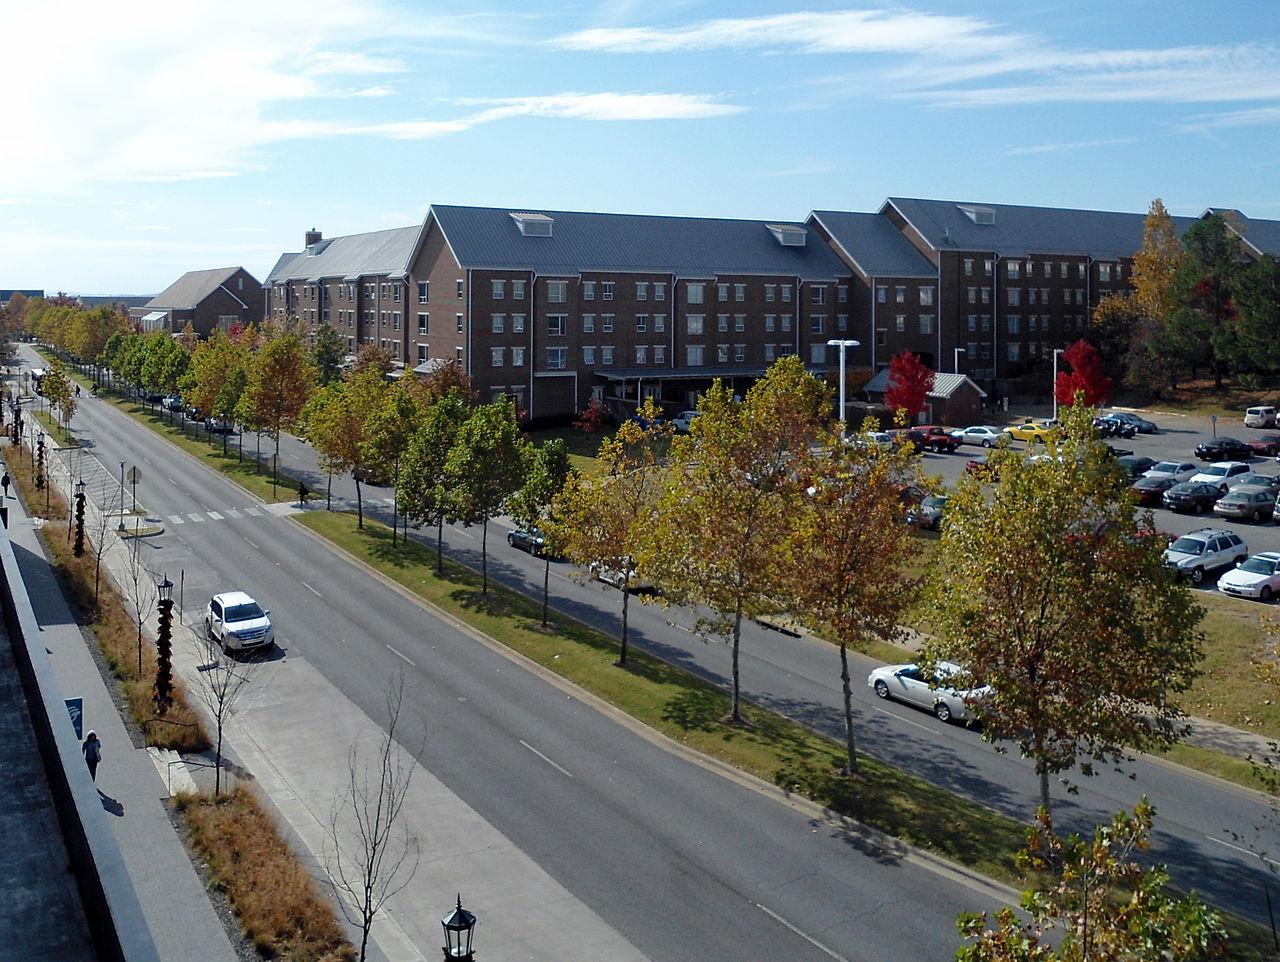 Px Garland Avenue C University Of Arkansas Campus C Autumn